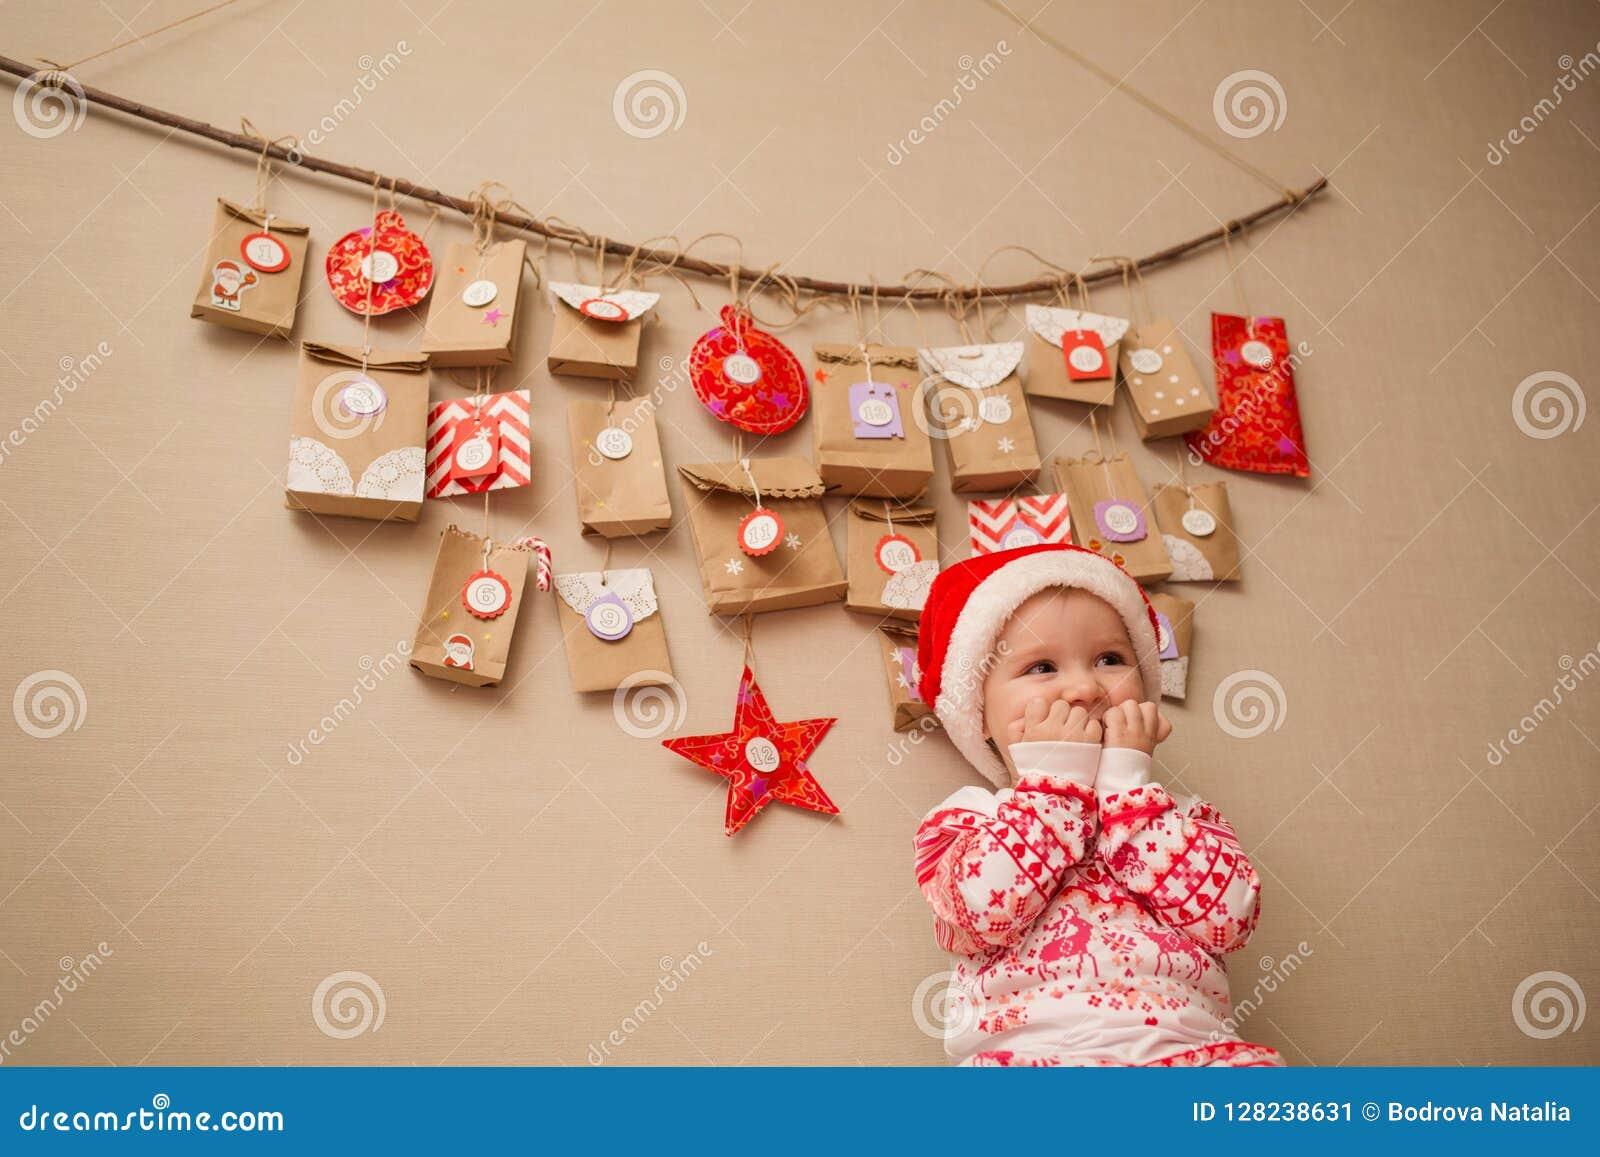 Calendário do advento para crianças criança em antecipação ao feriado